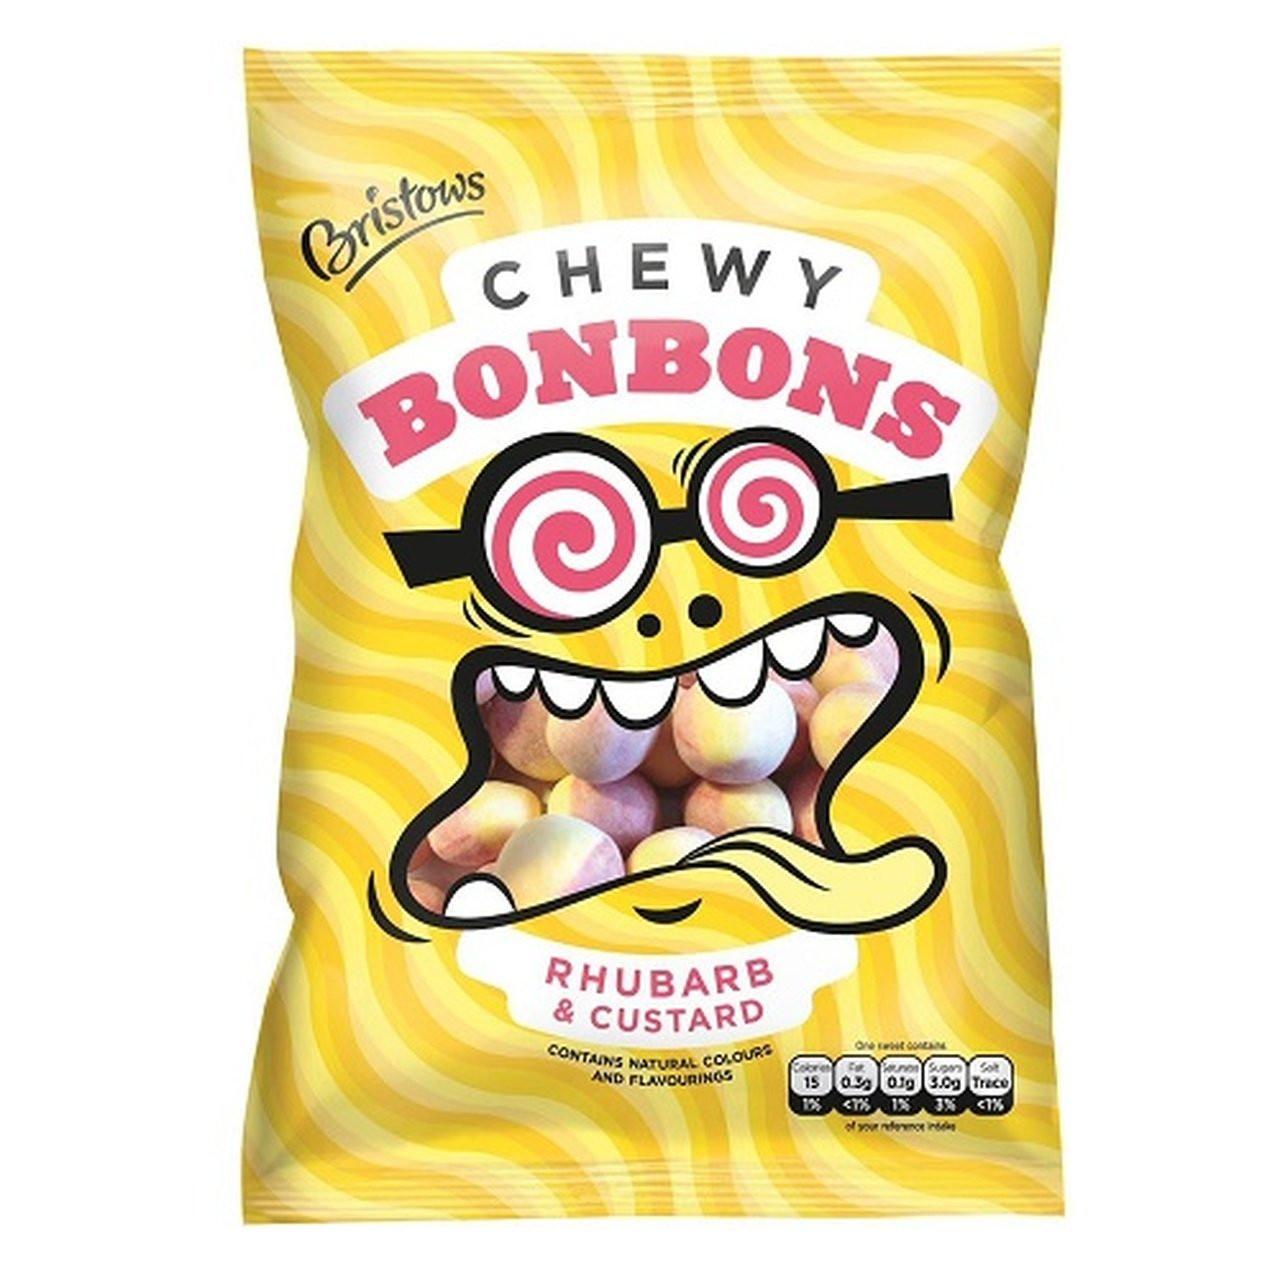 Bristow's Chewy Bon Bons - Rhubarb & Custard, 150g